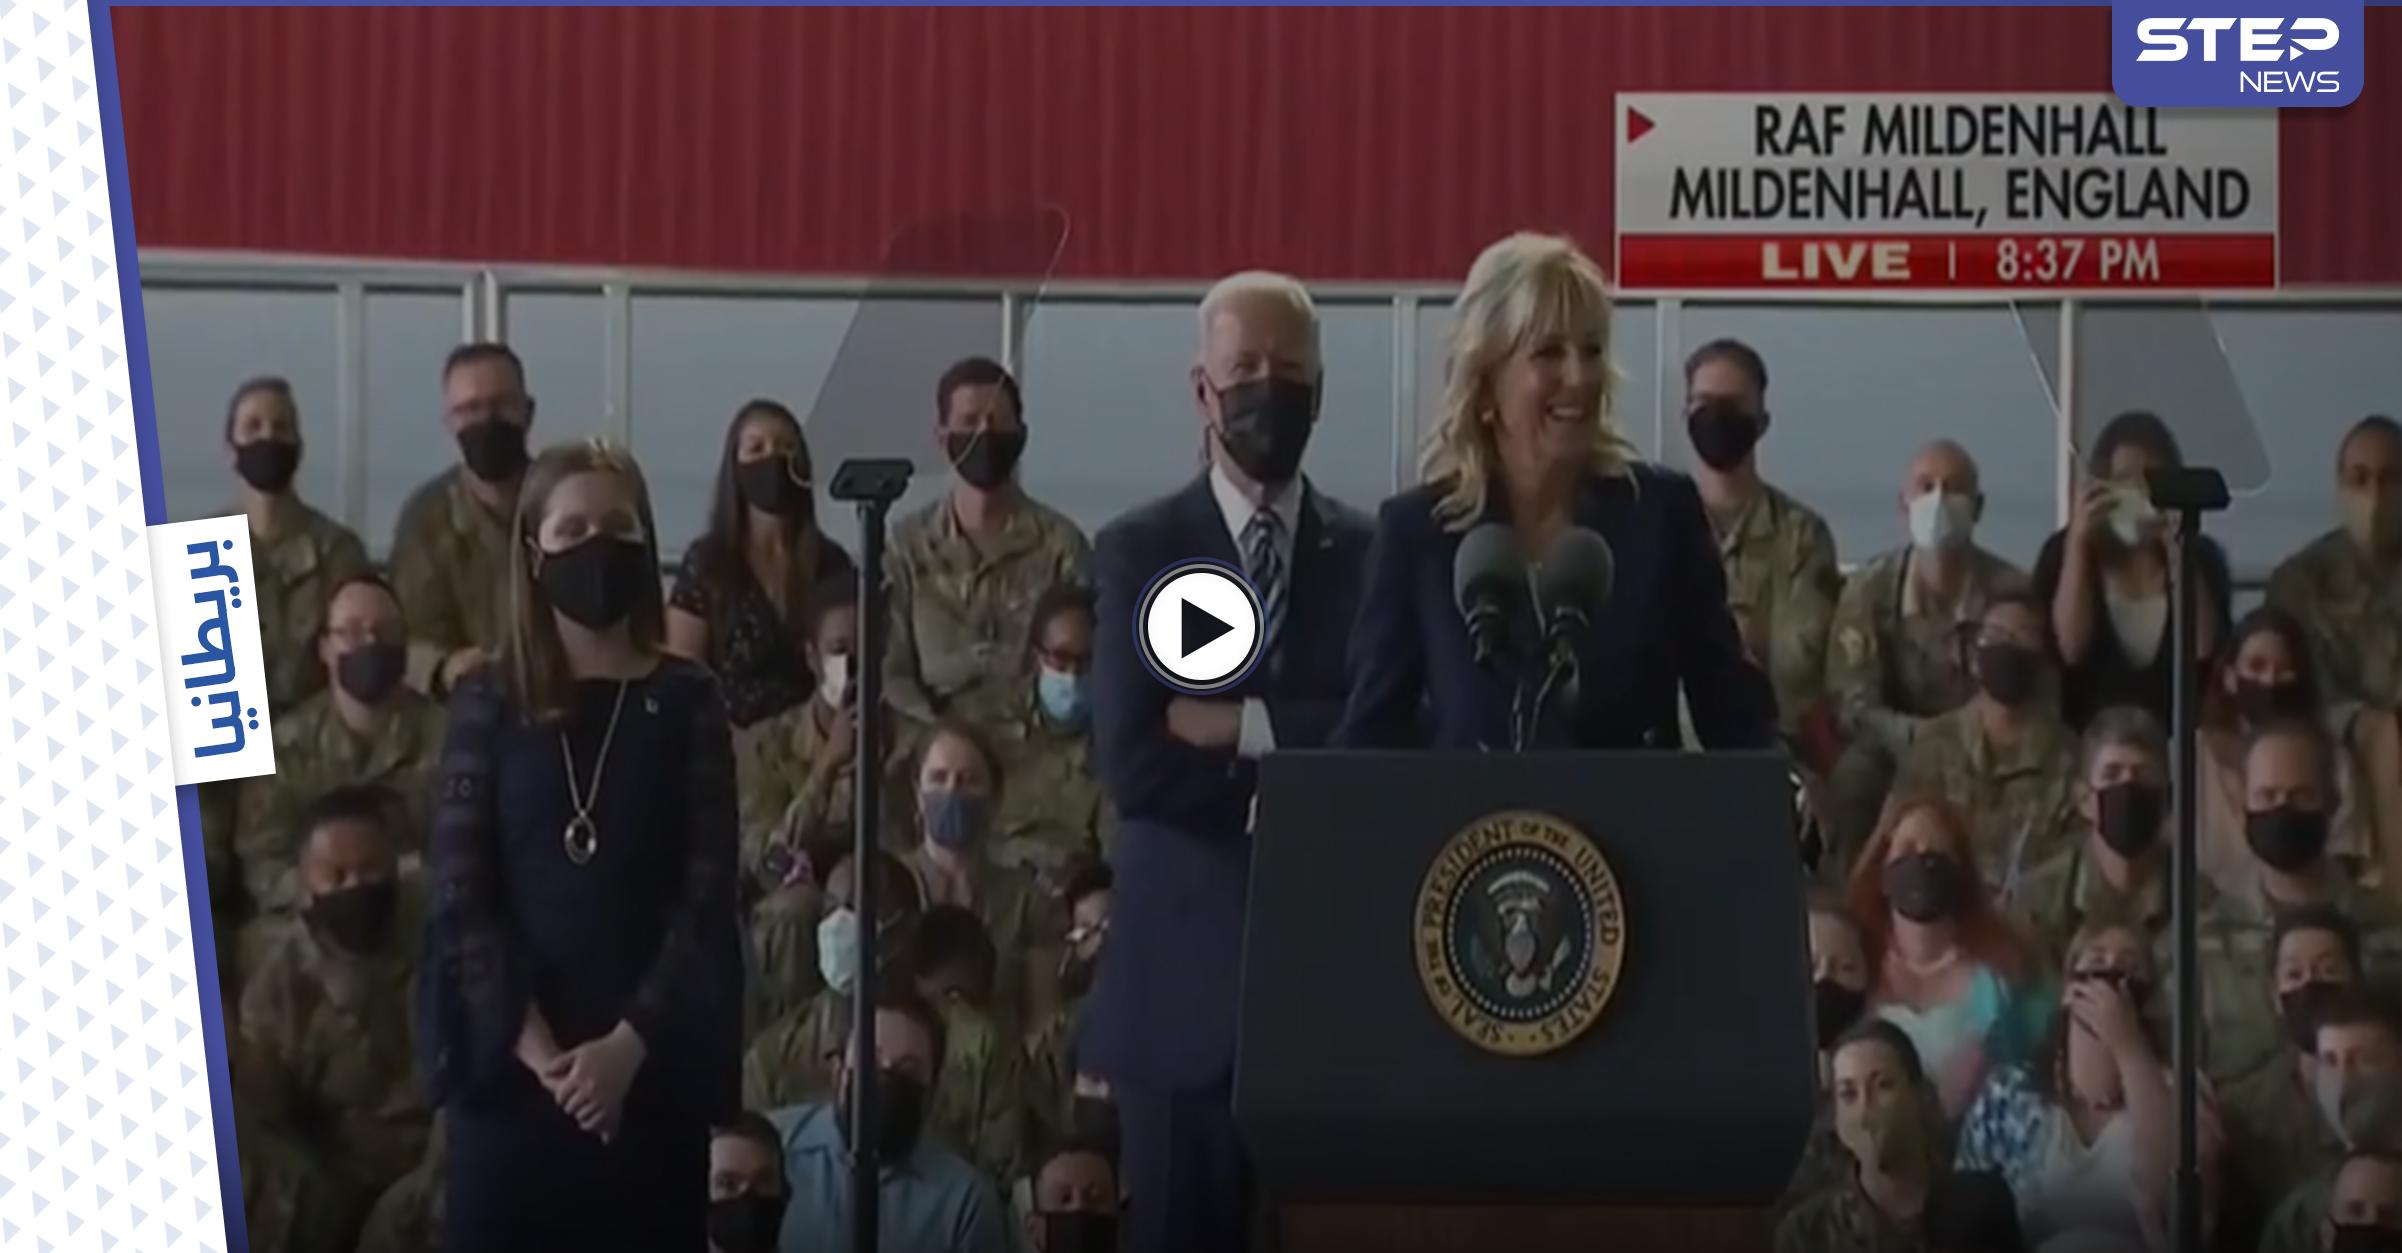 بالفيديو|| زوجة جو بايدن توبخه أمام القوات الأمريكية في بريطانيا شاهد ردة فعله